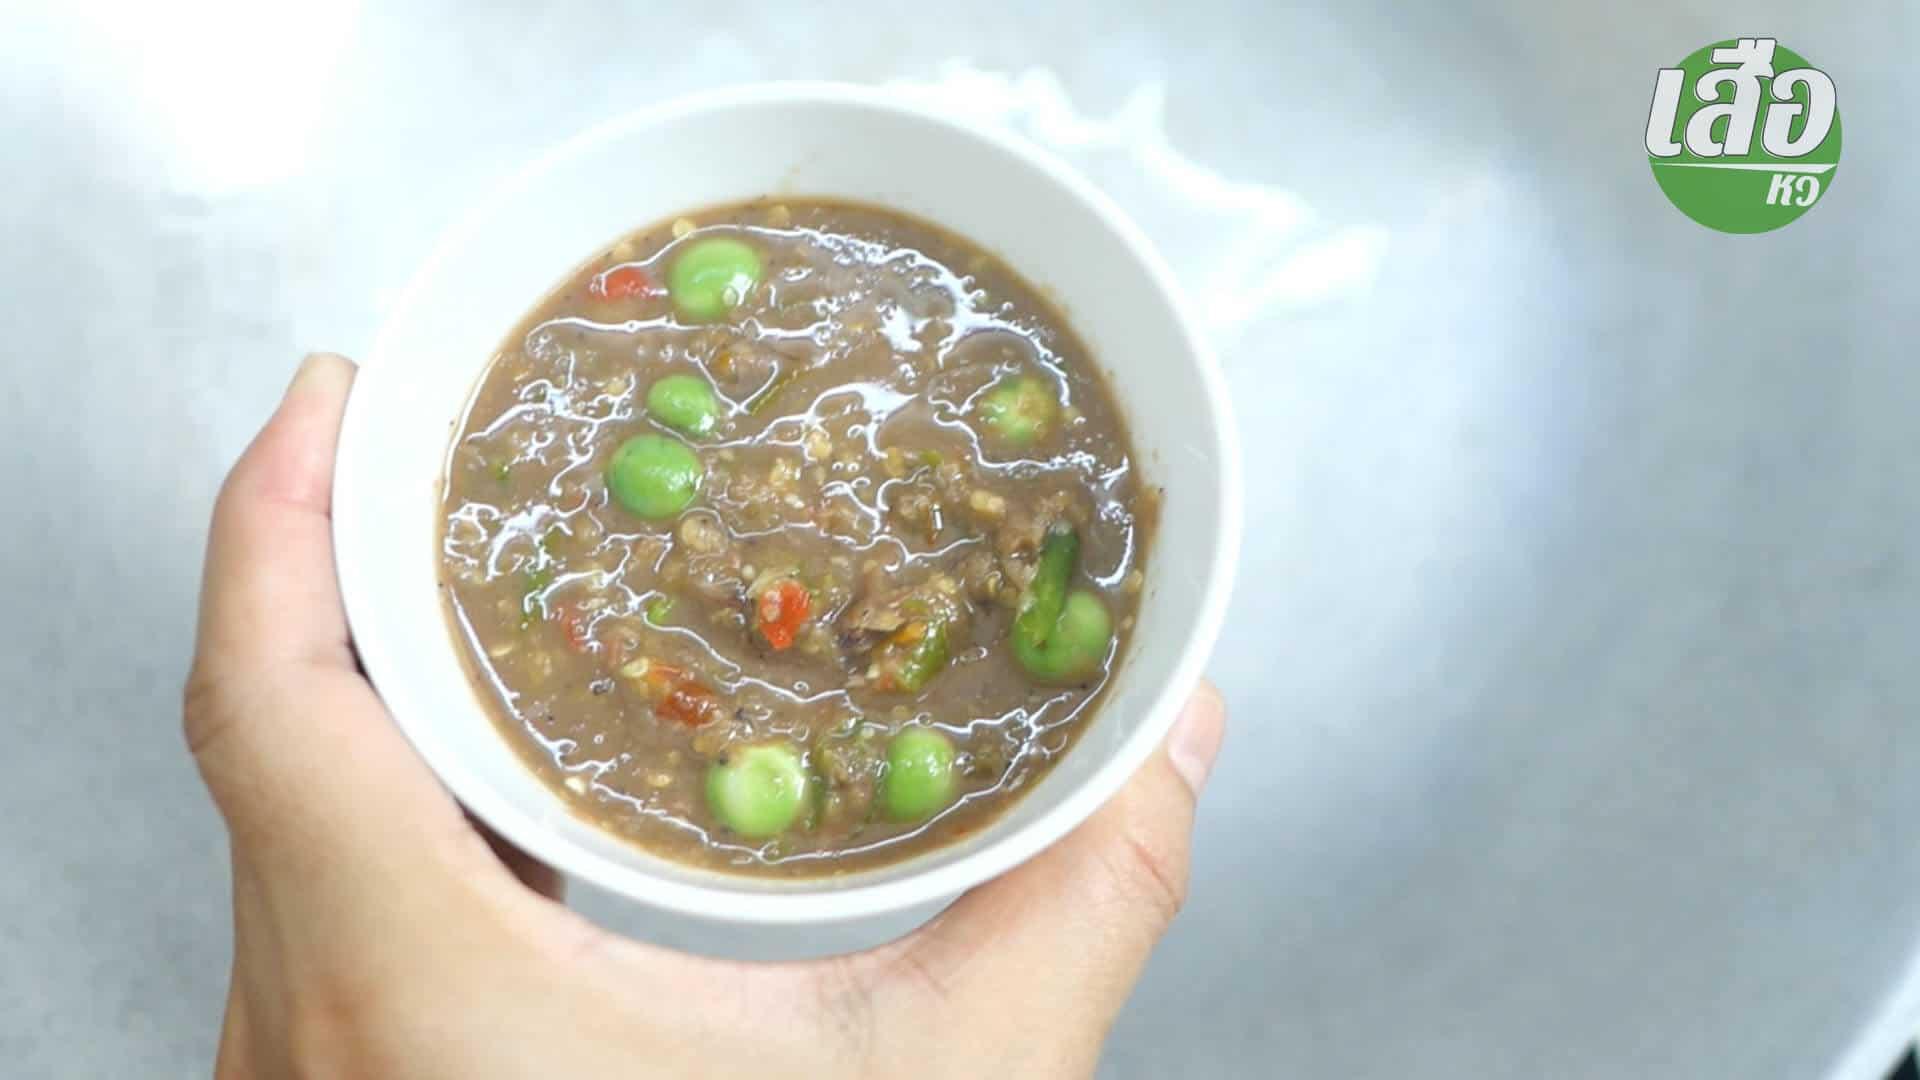 ทำข้าวผัดน้ำพริกกะปิ